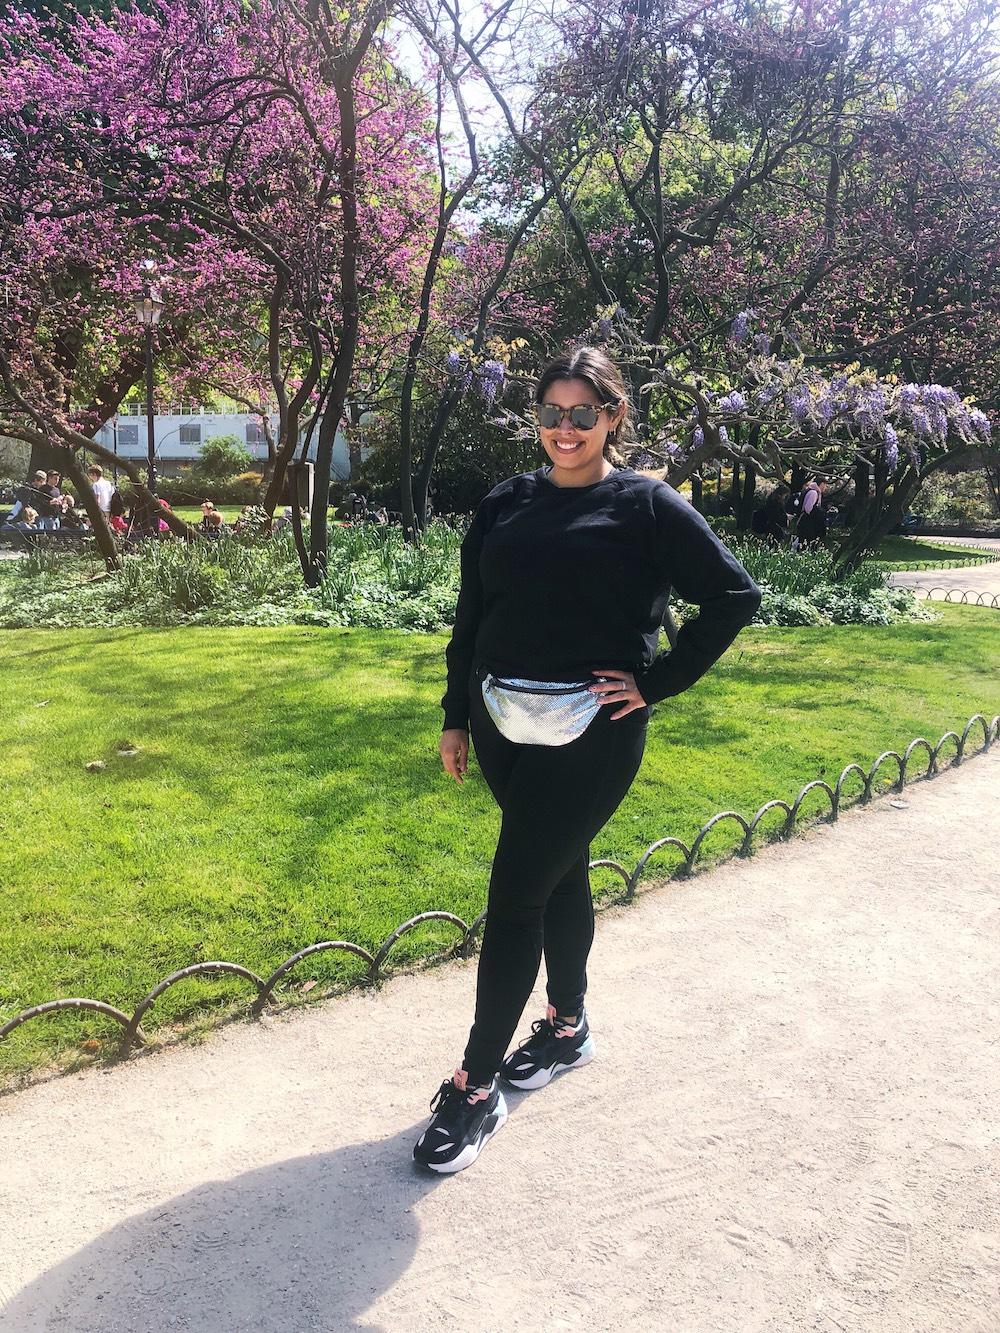 Running in Hyde Park